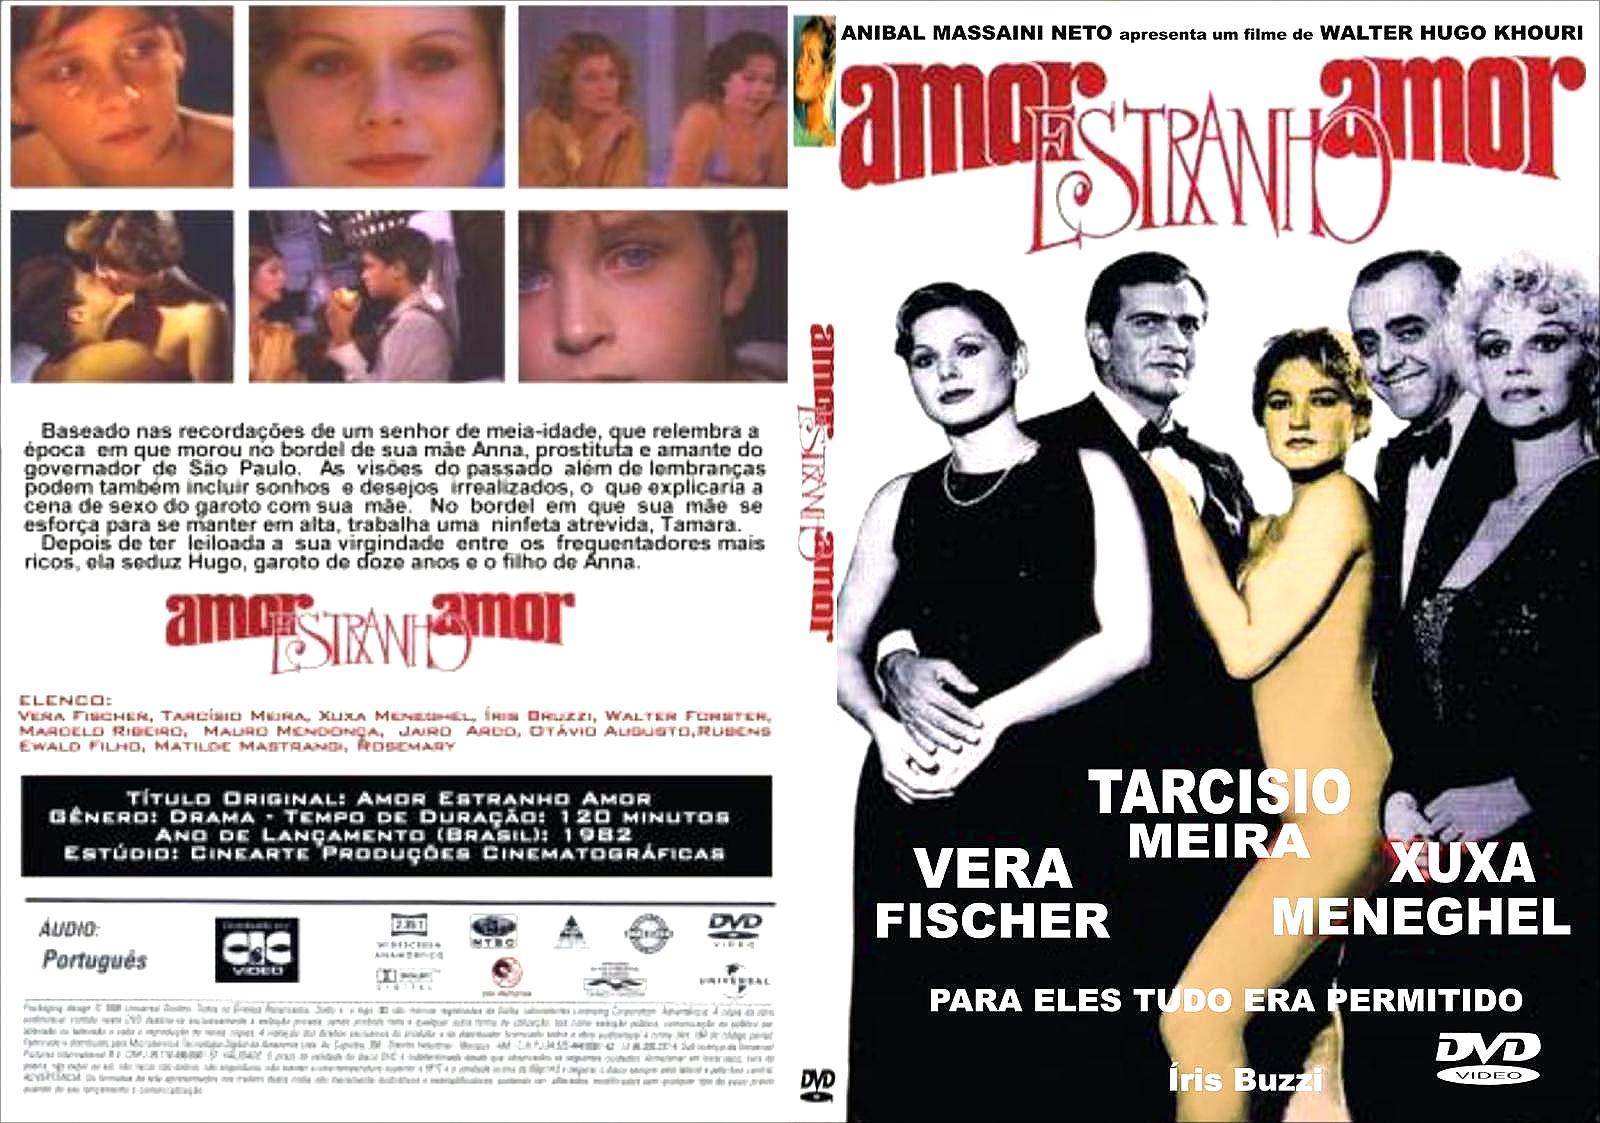 Amor Estranho Amor 1982 consciência revolucionaria brasileira: download amor